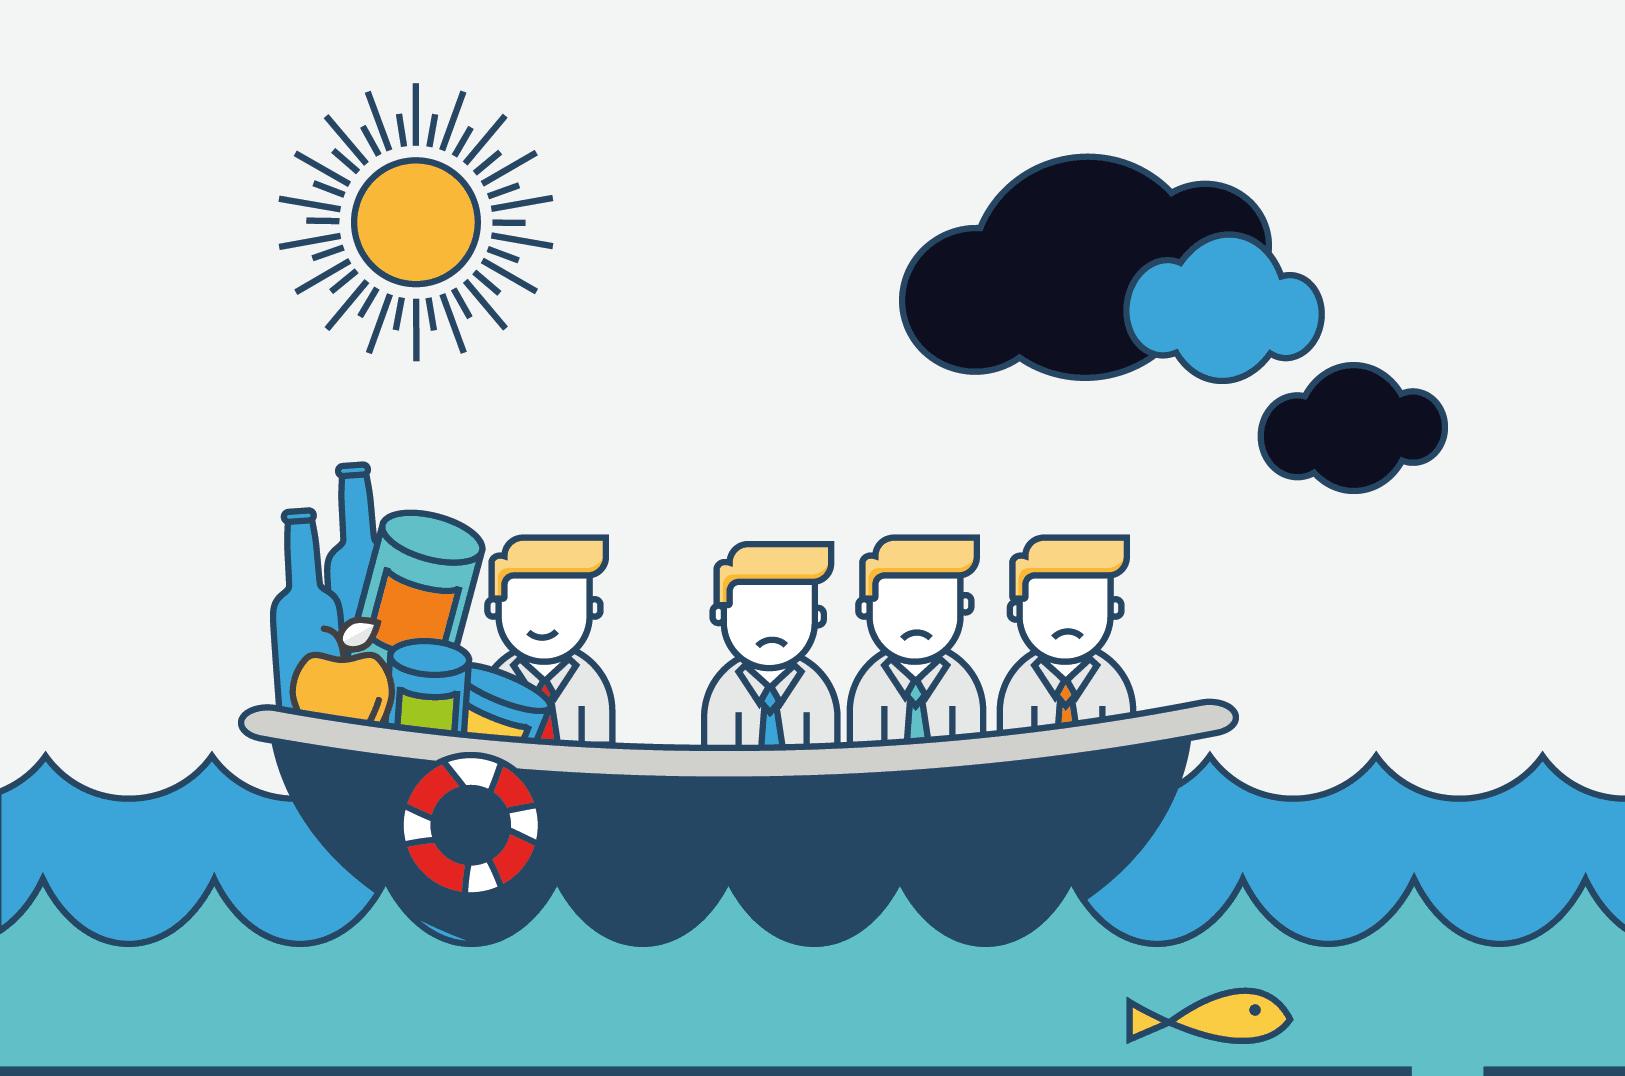 Rettungsboot mit Proviant für eine Person